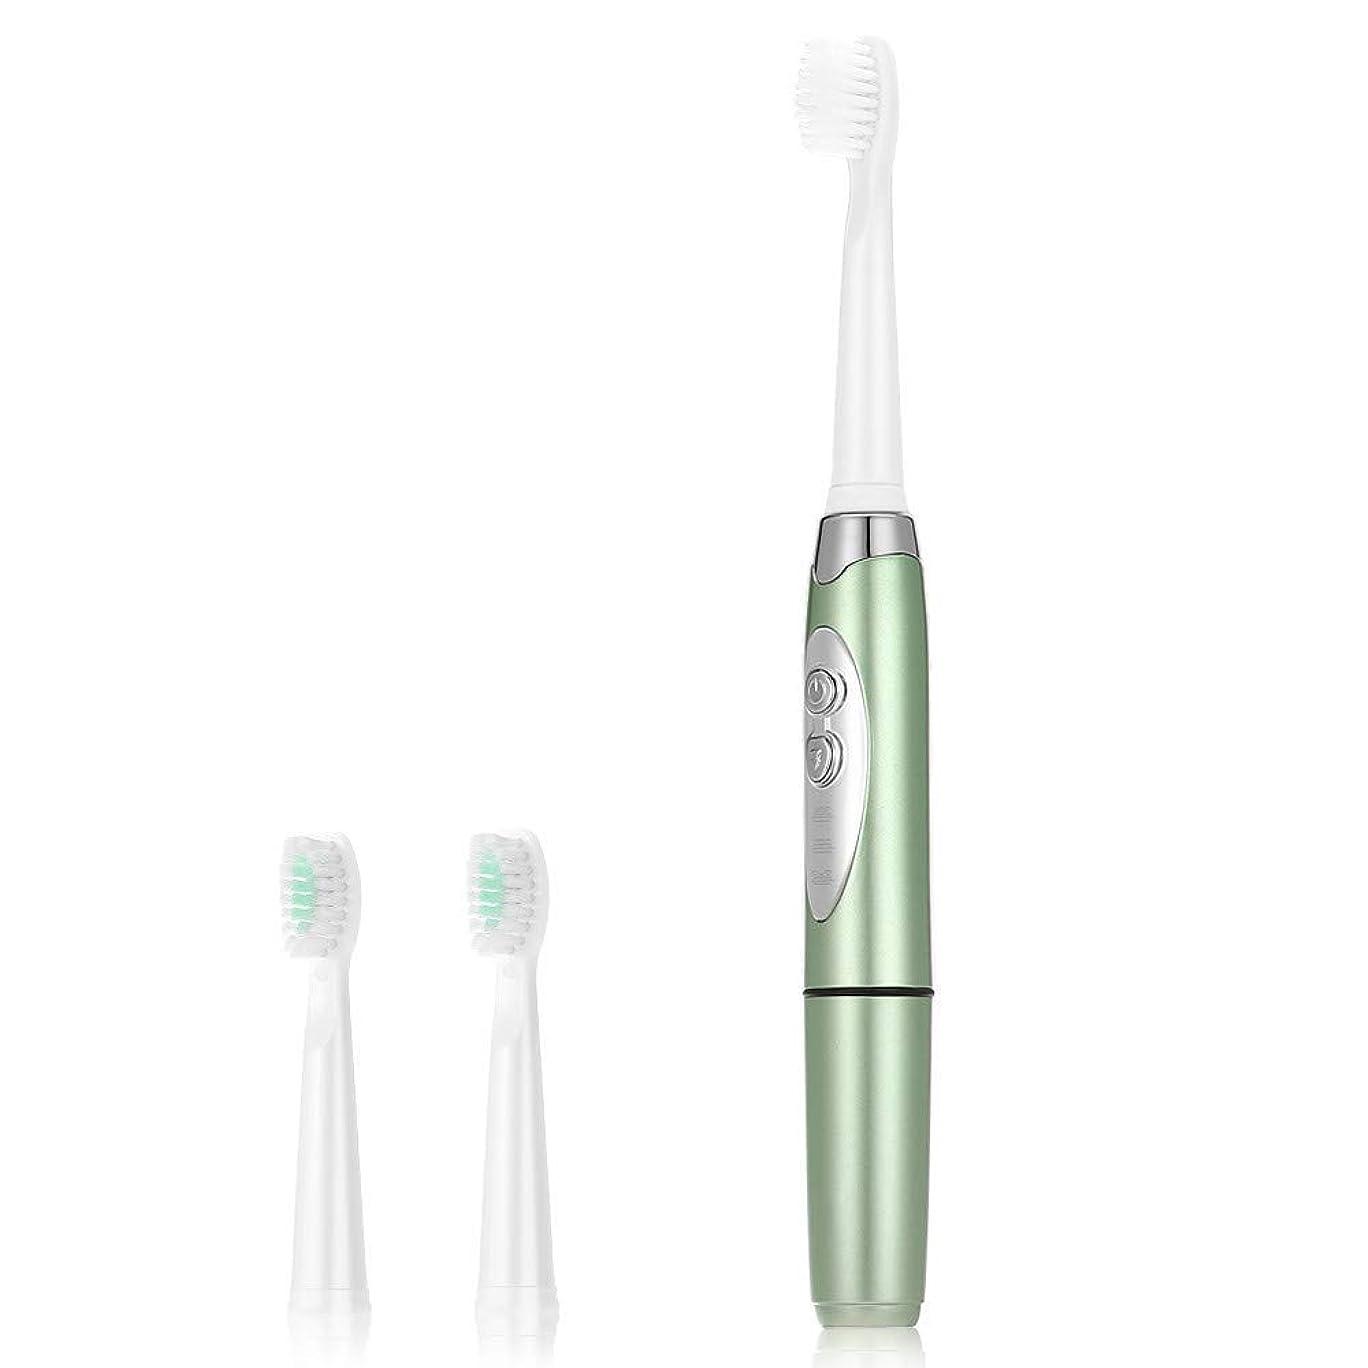 寛大な下手怠けた電動歯ブラシ大人のための電動ソニック歯ブラシ3つのクリーニングモード防水ホワイトニングバッテリー電源3個ブラシヘッド